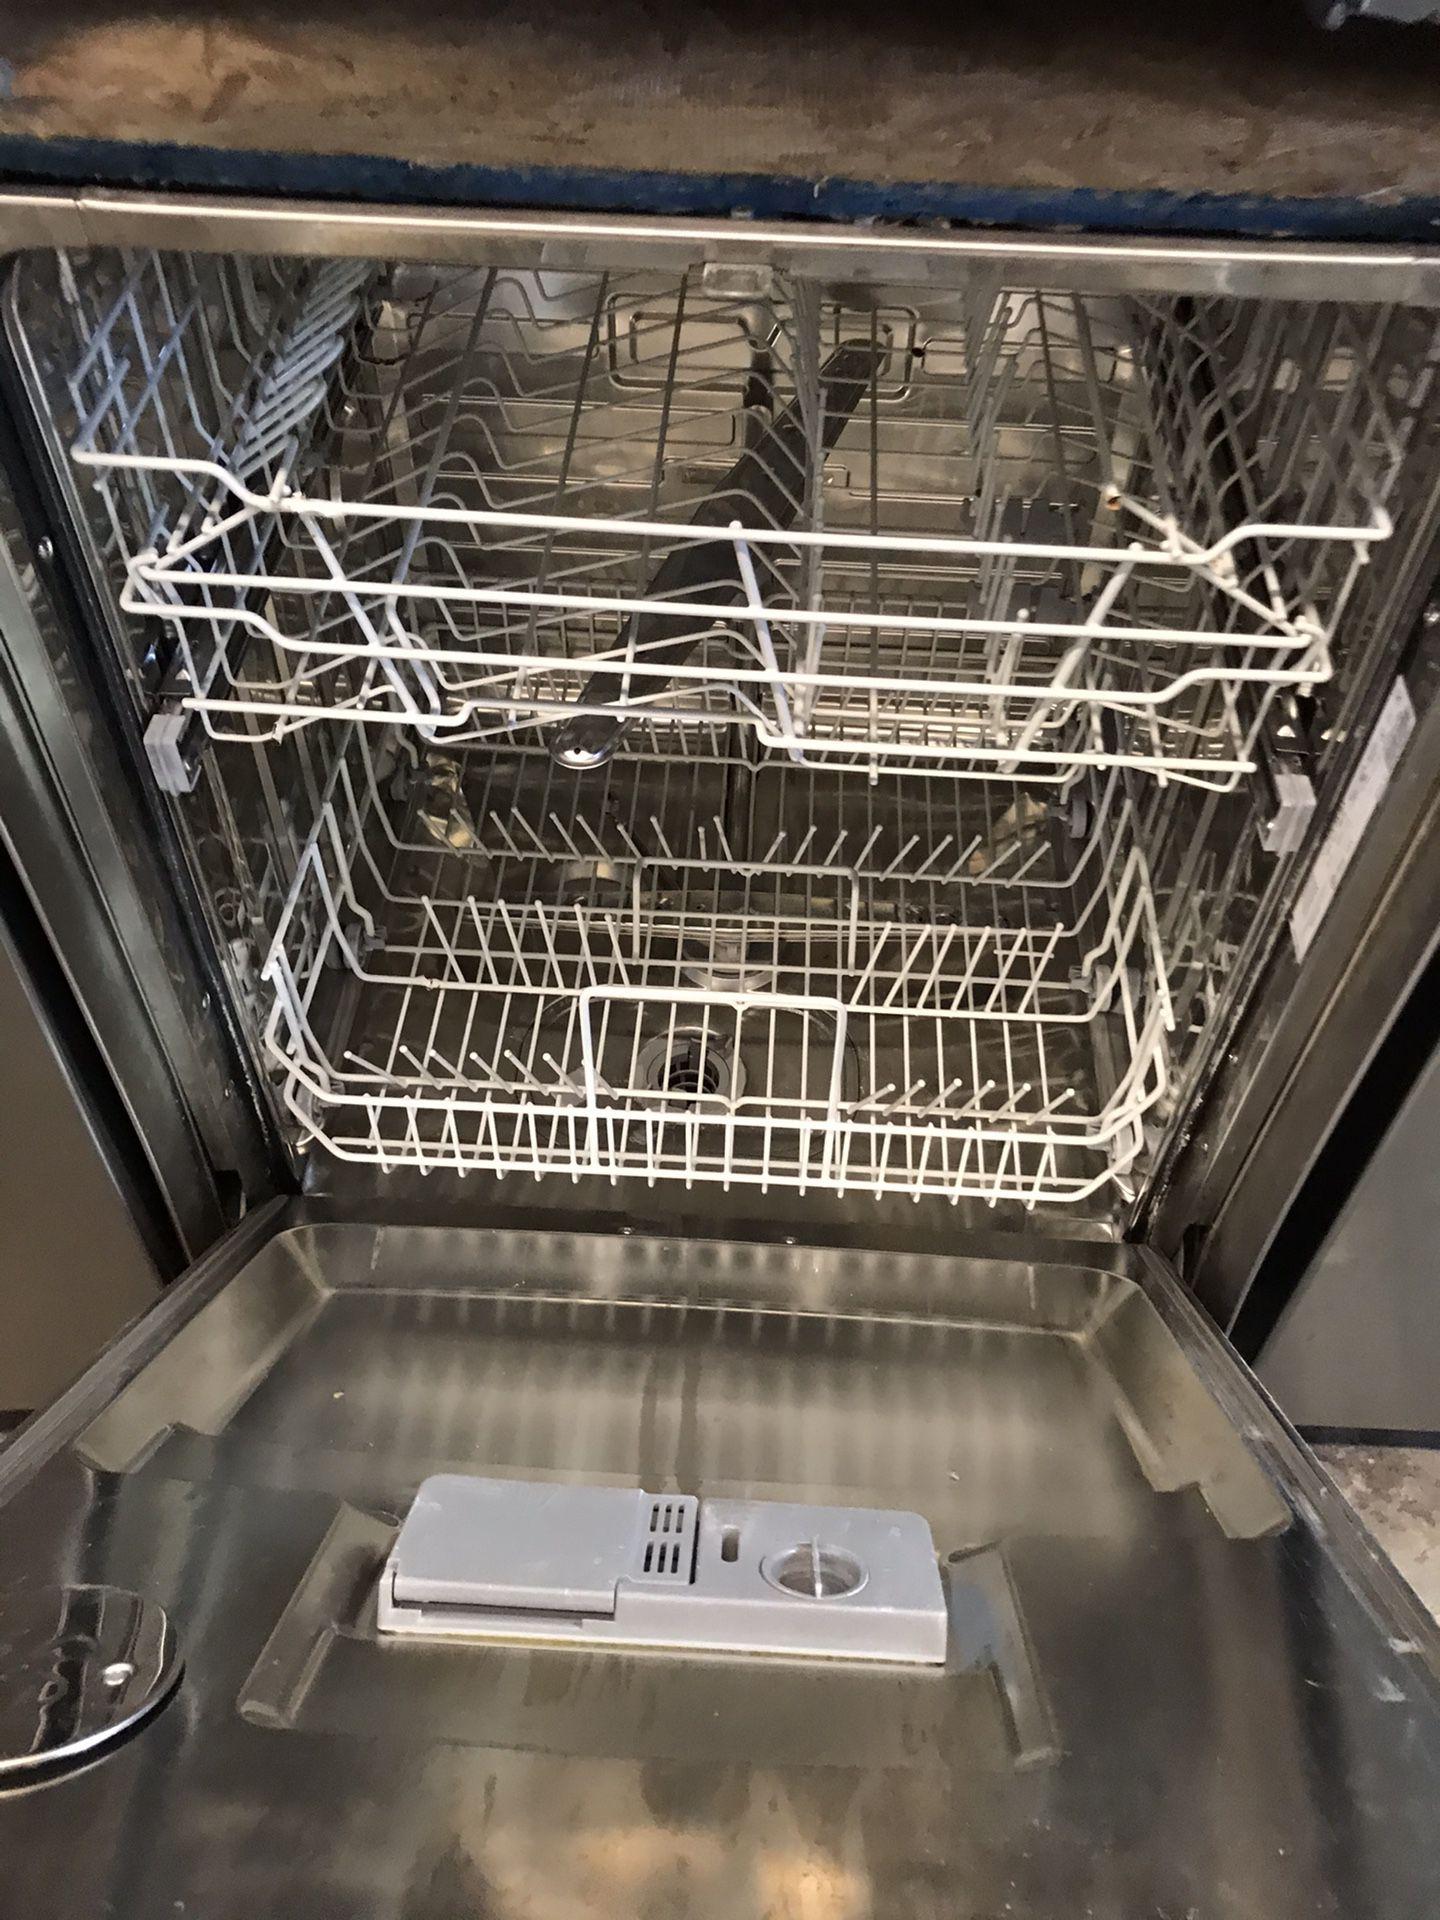 Viking dishwasher used